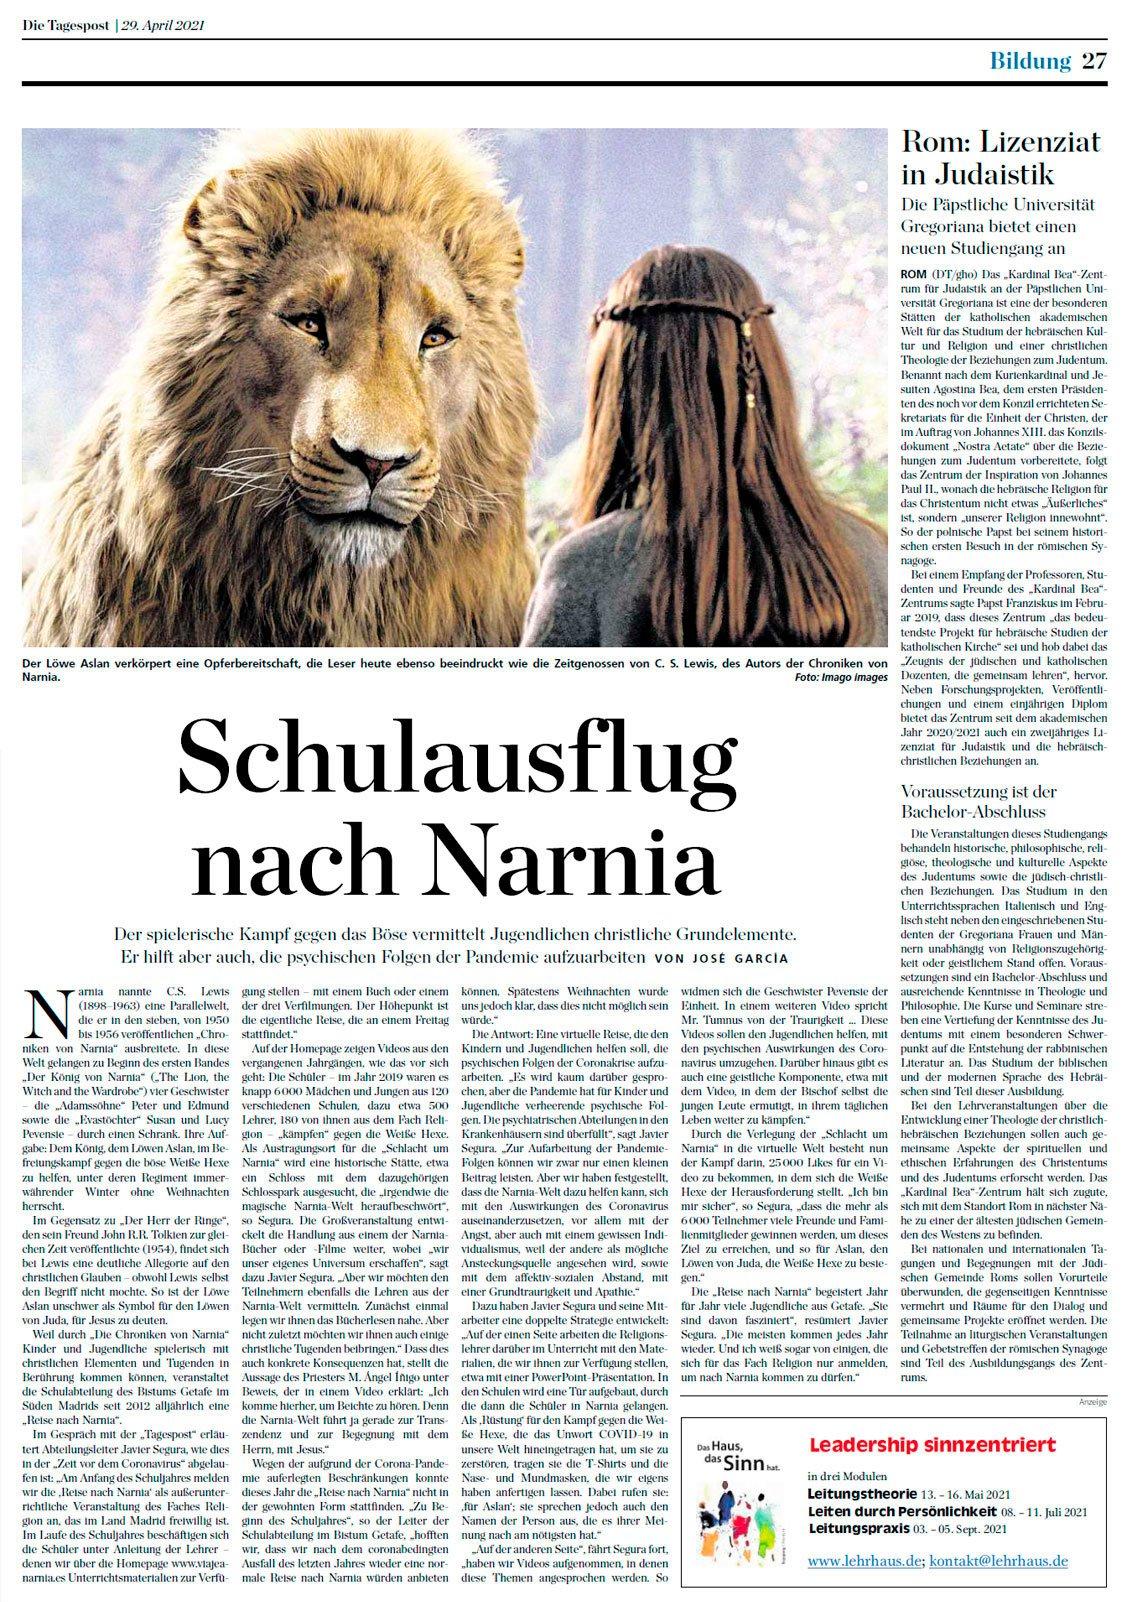 Viaje a Narnia viaja a Alemania